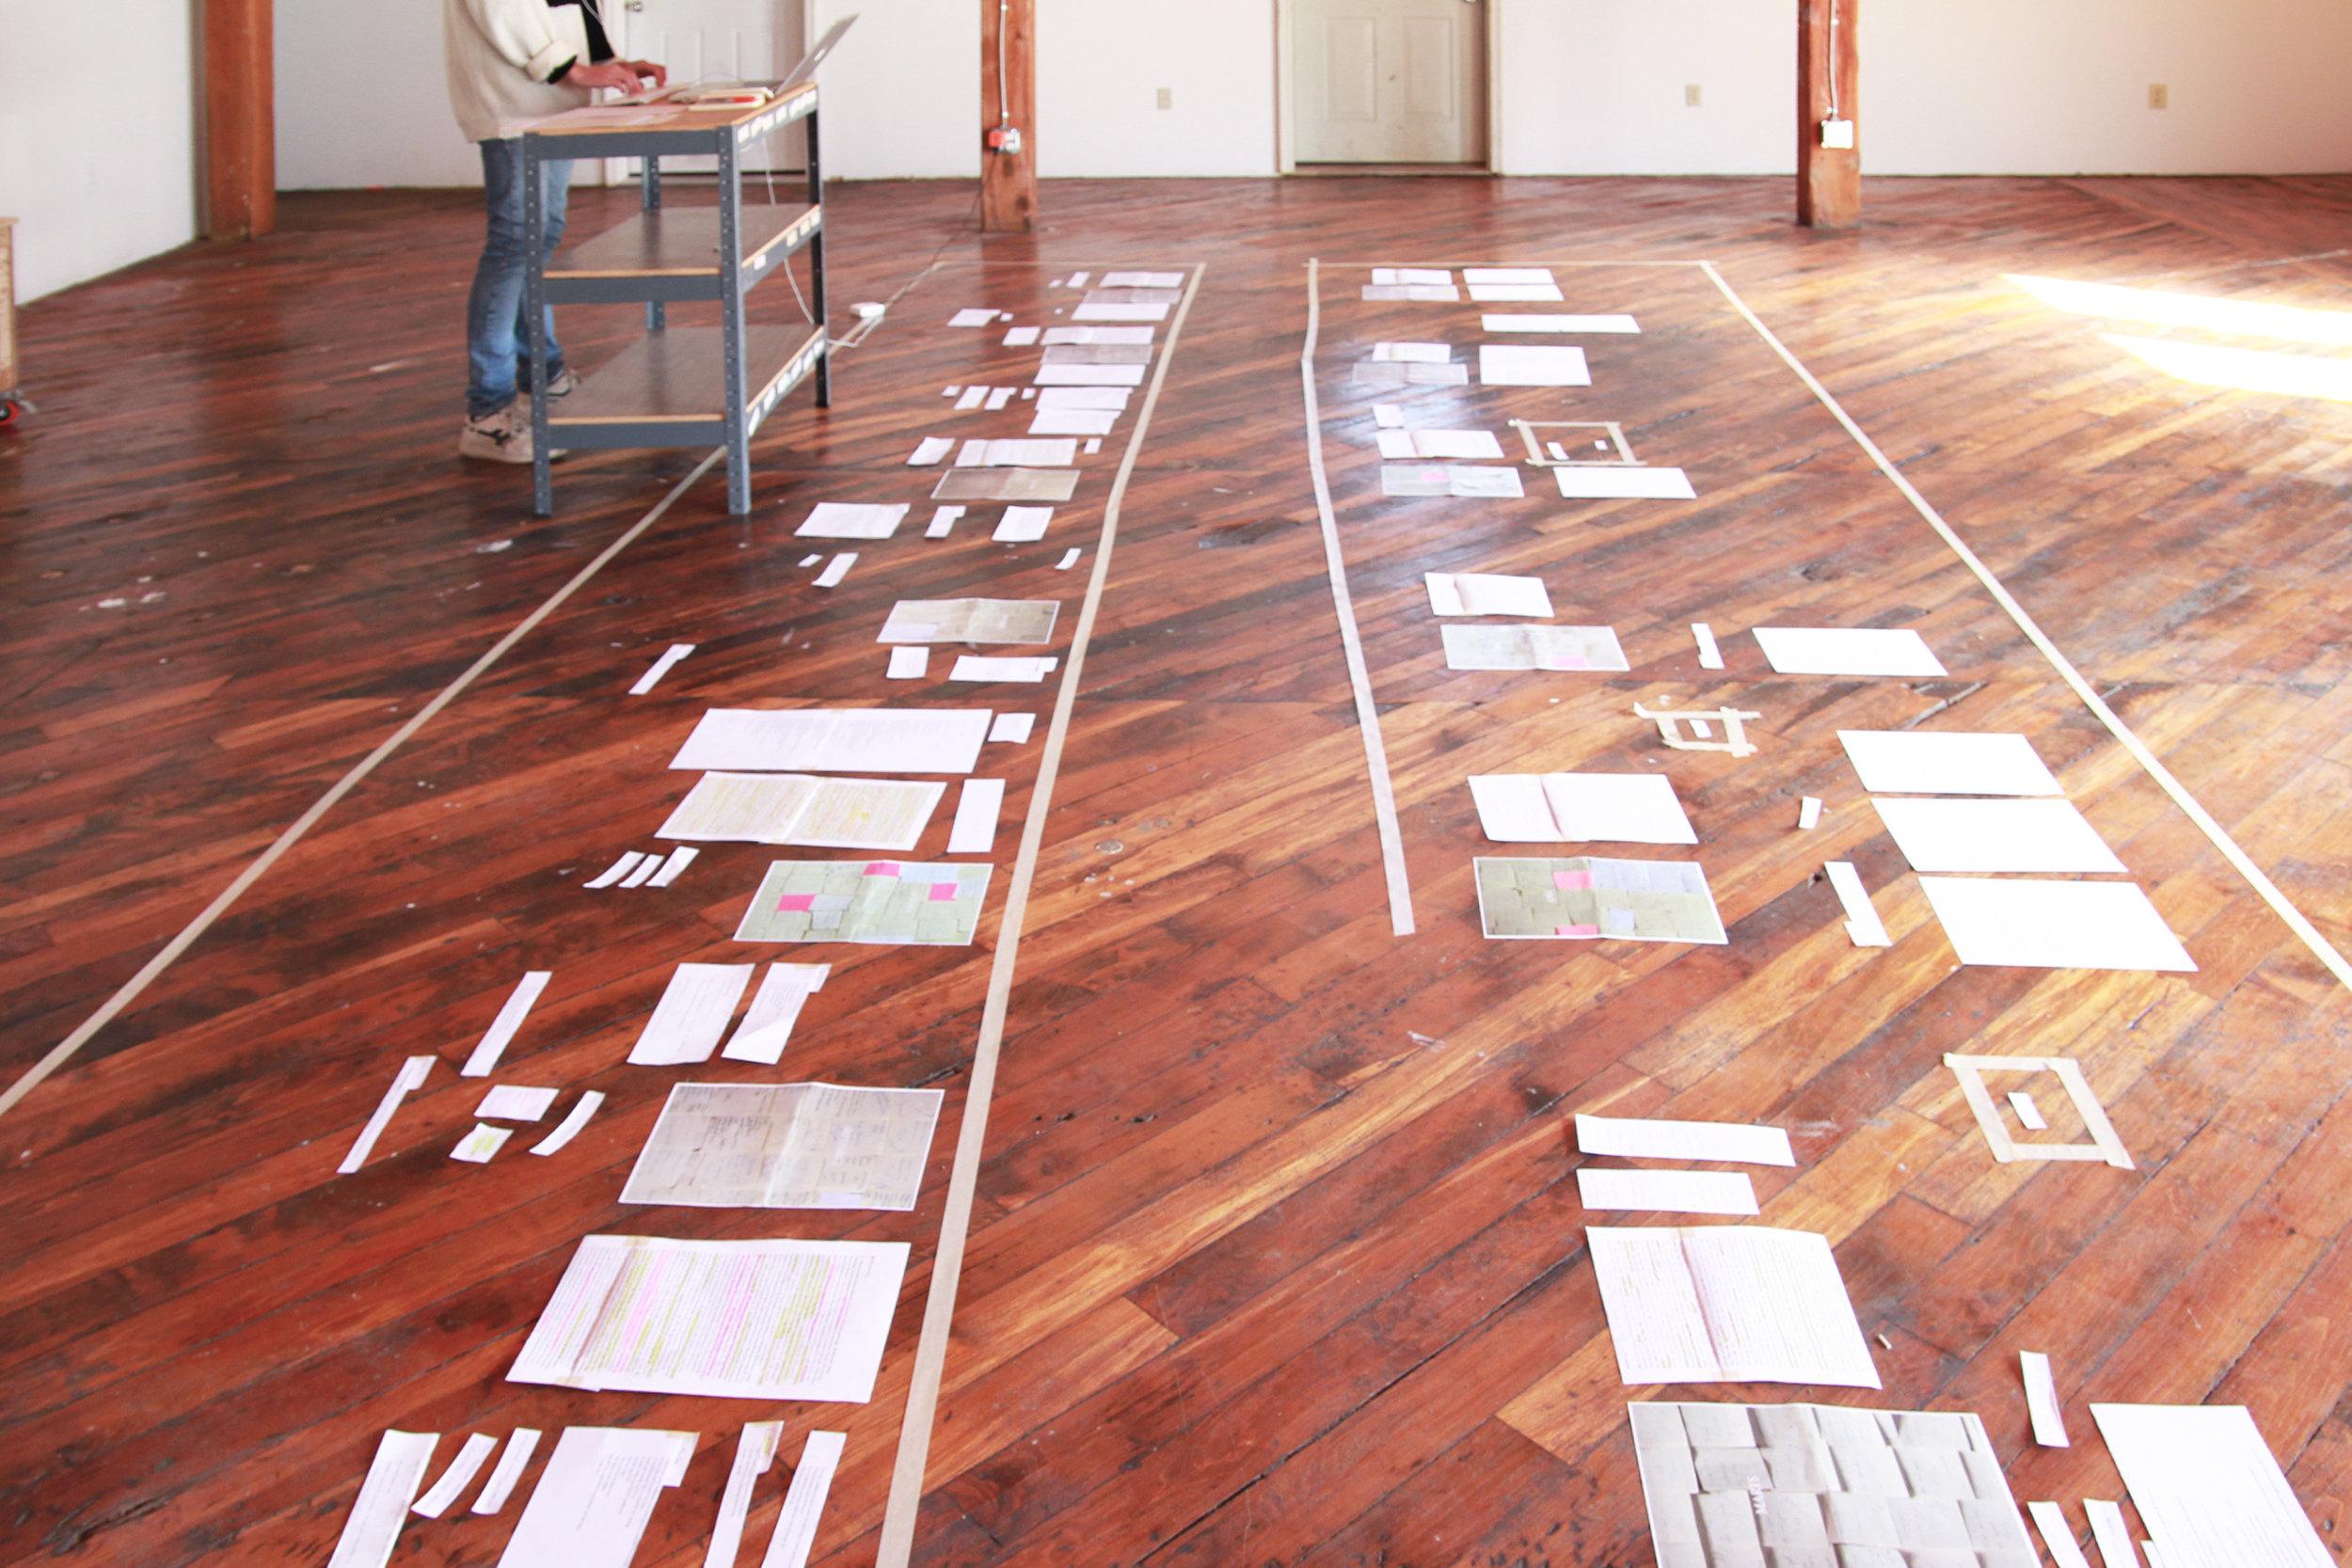 Studios_Big space_Runi Weihe _6.JPG